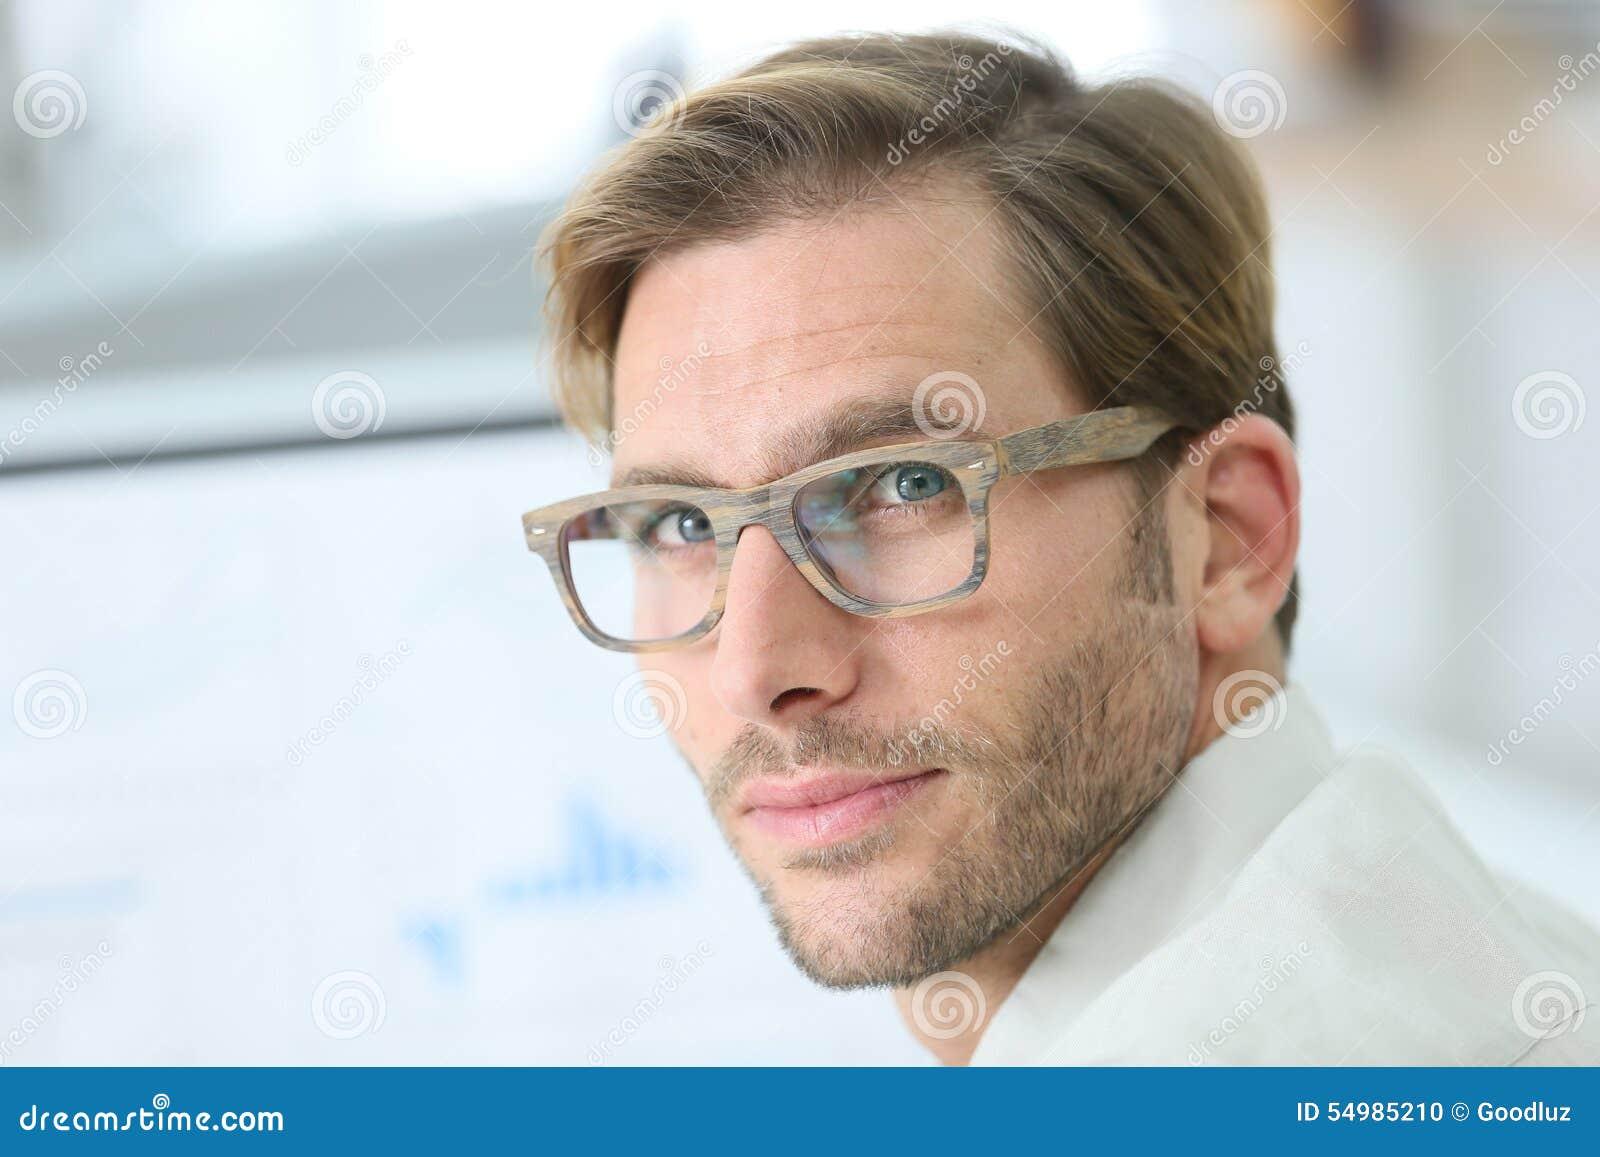 Hübscher Junger Mann, Der Modische Brillen Trägt Stockfoto - Bild ...